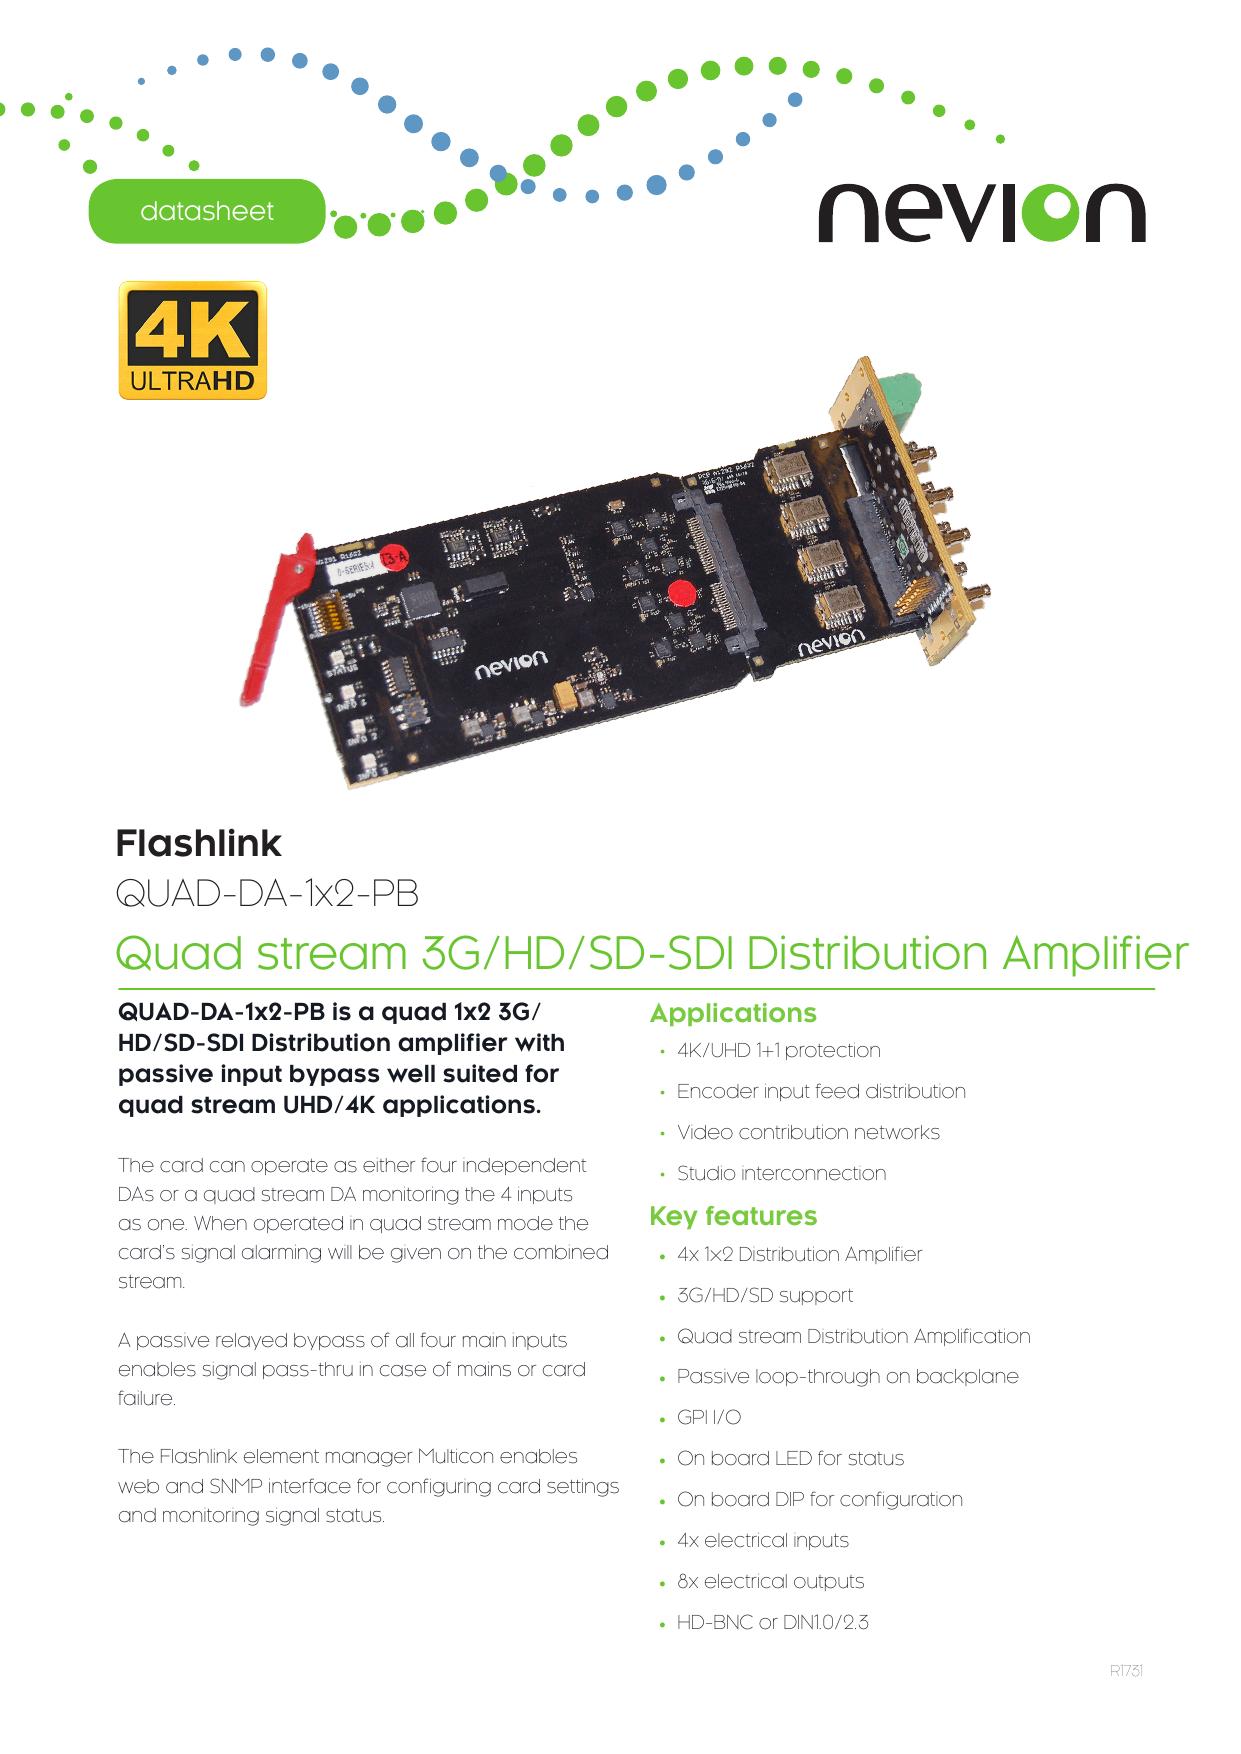 Quad stream 3G/HD/SD-SDI Distribution Amplifier | manualzz com